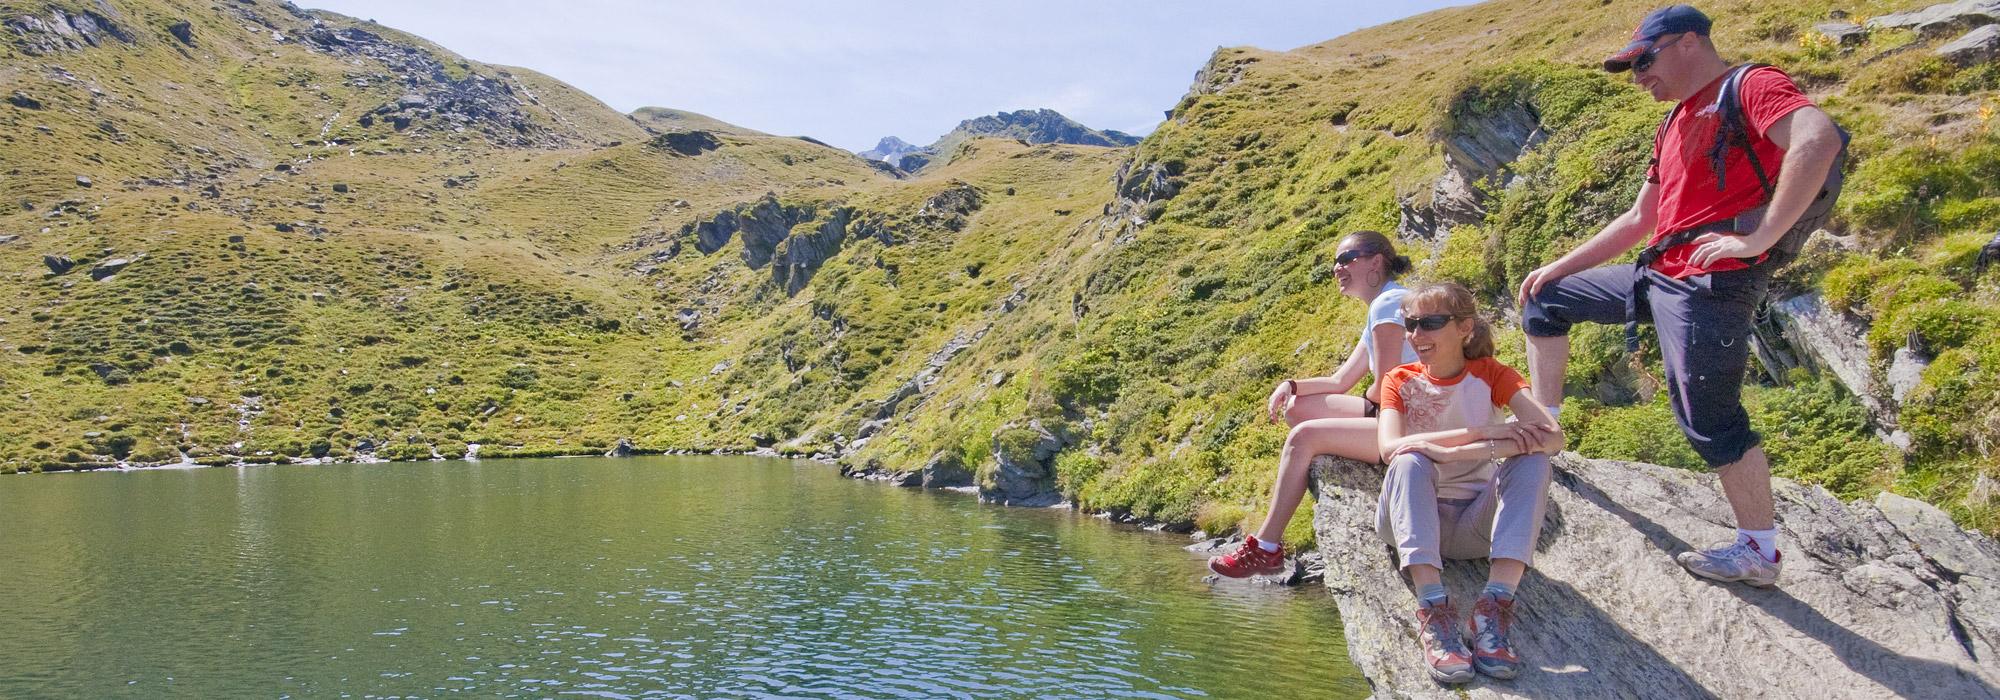 Val Thorens, paseggiare sulle Alpi durante la stagione estiva